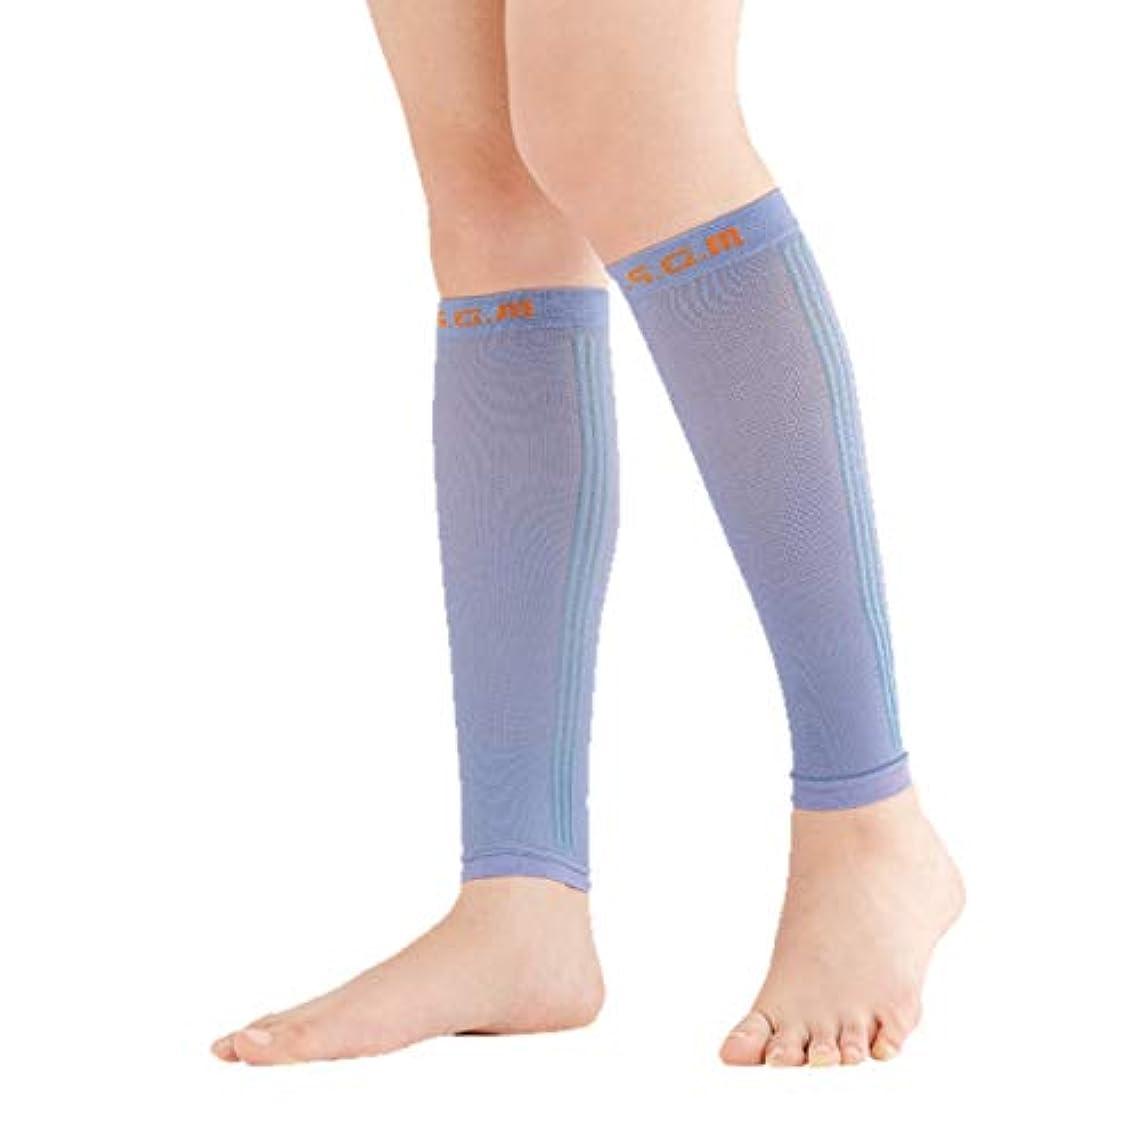 著名な生理万一に備えて着圧ソックス 着圧サポーター 足のむくみ ふくらはぎ むくみ防止 立ち仕事モミモミ